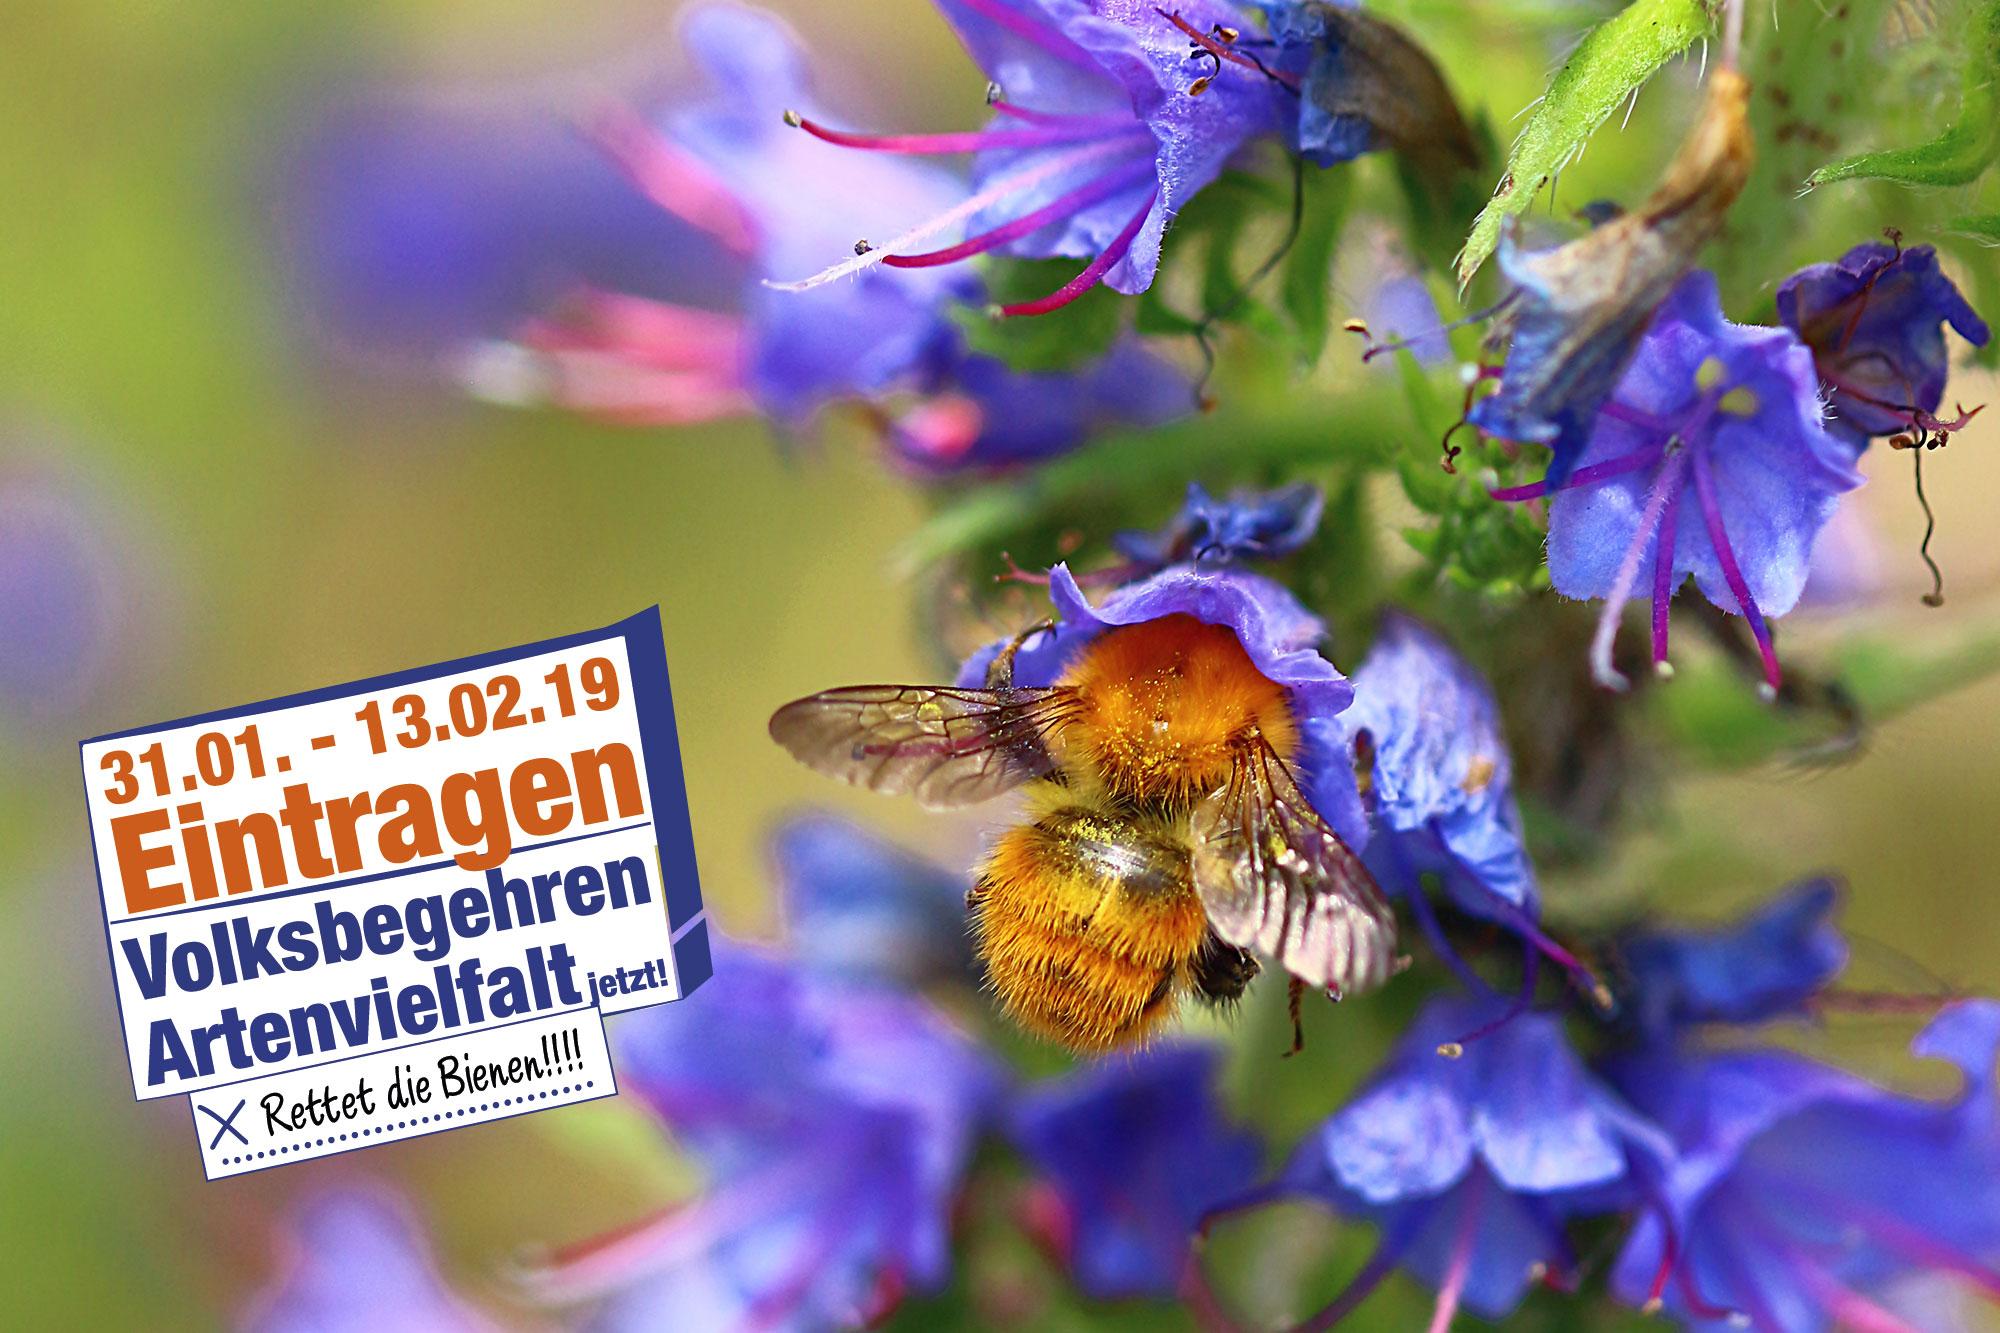 """Bienen Volksbegehren"""": Gespräch mit Alois Glück nach"""